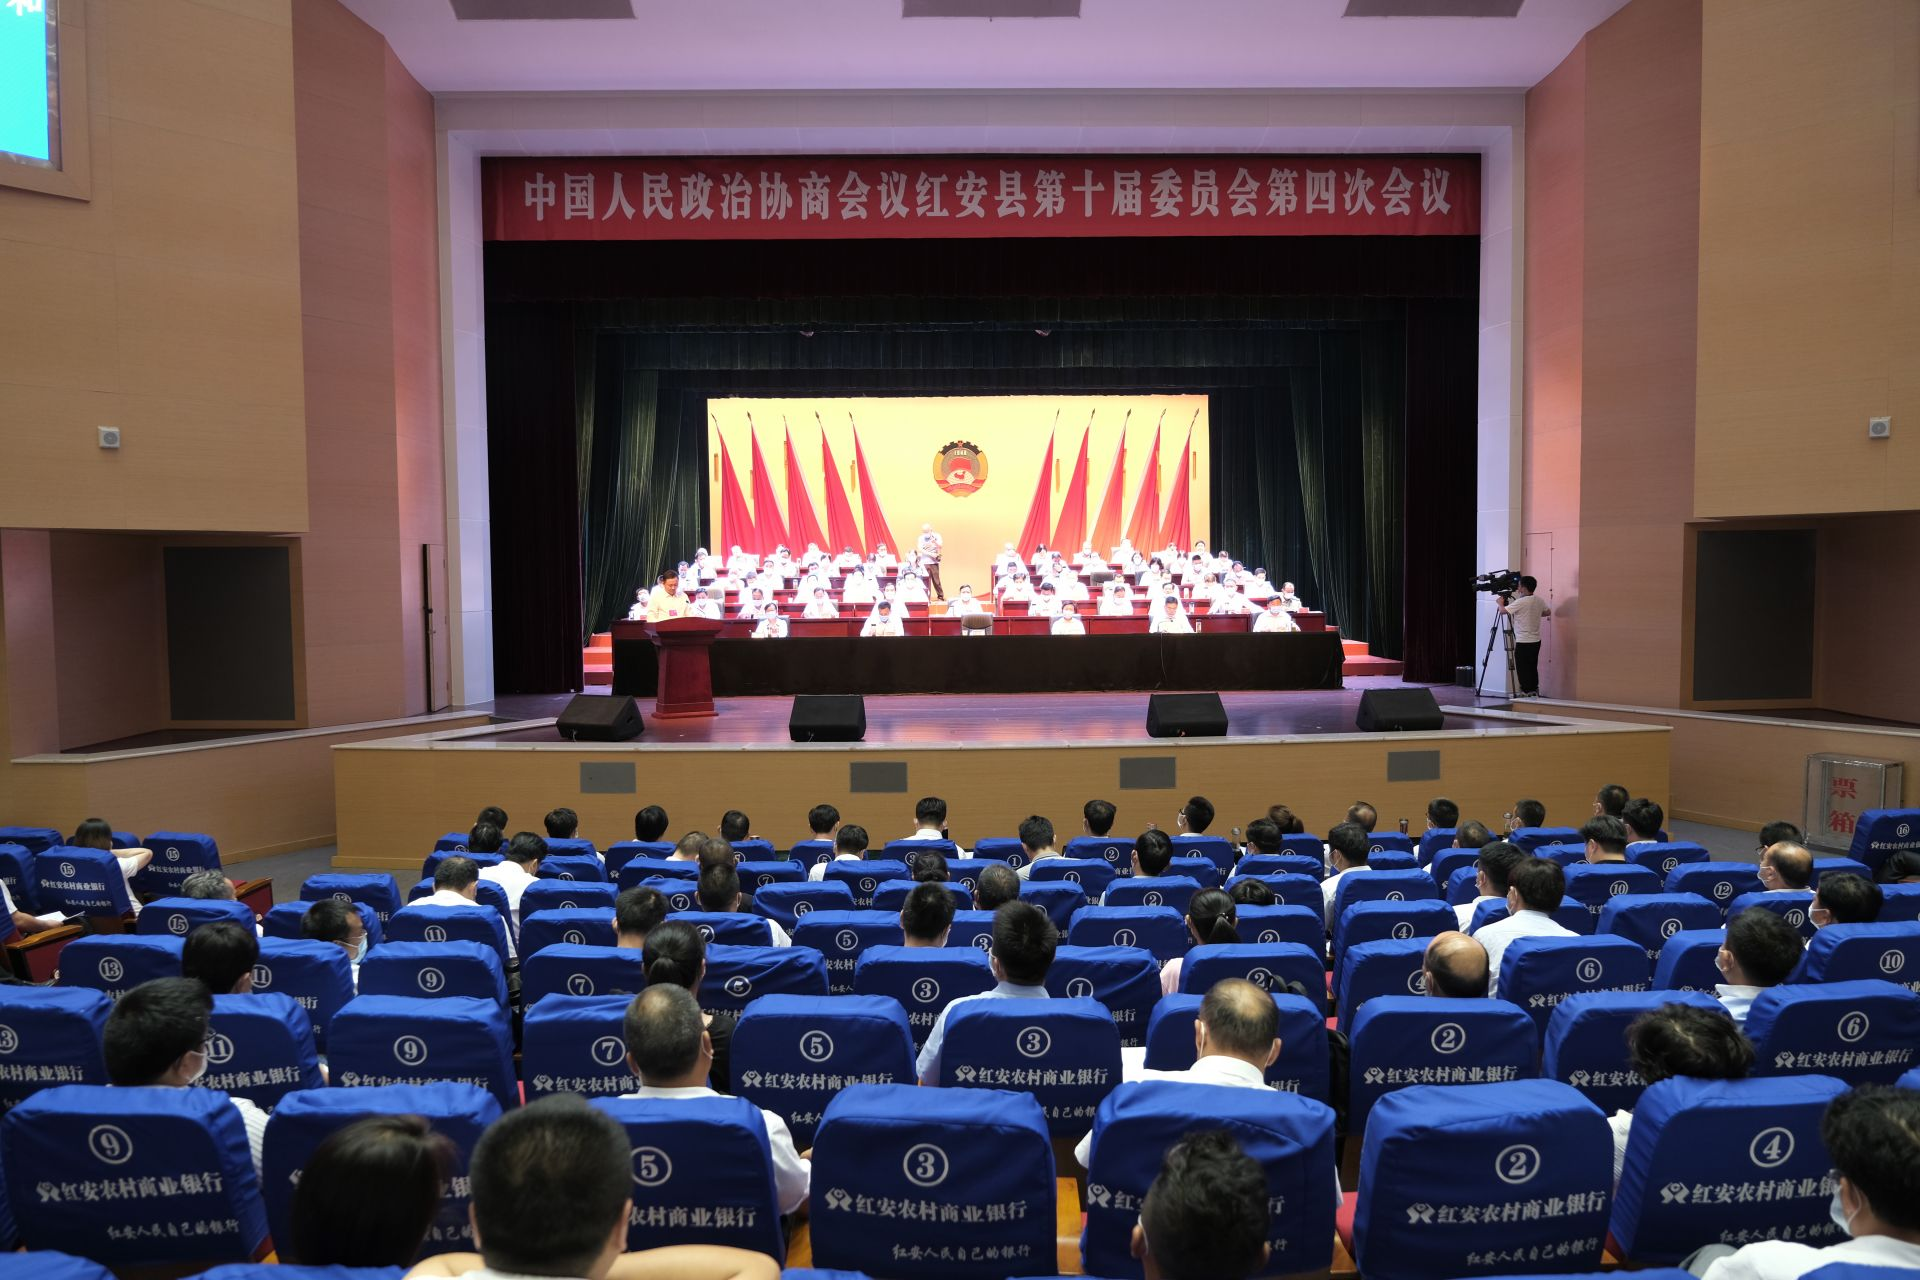 中國人民政治協商會議紅安縣第十屆委員會第四次會議閉幕